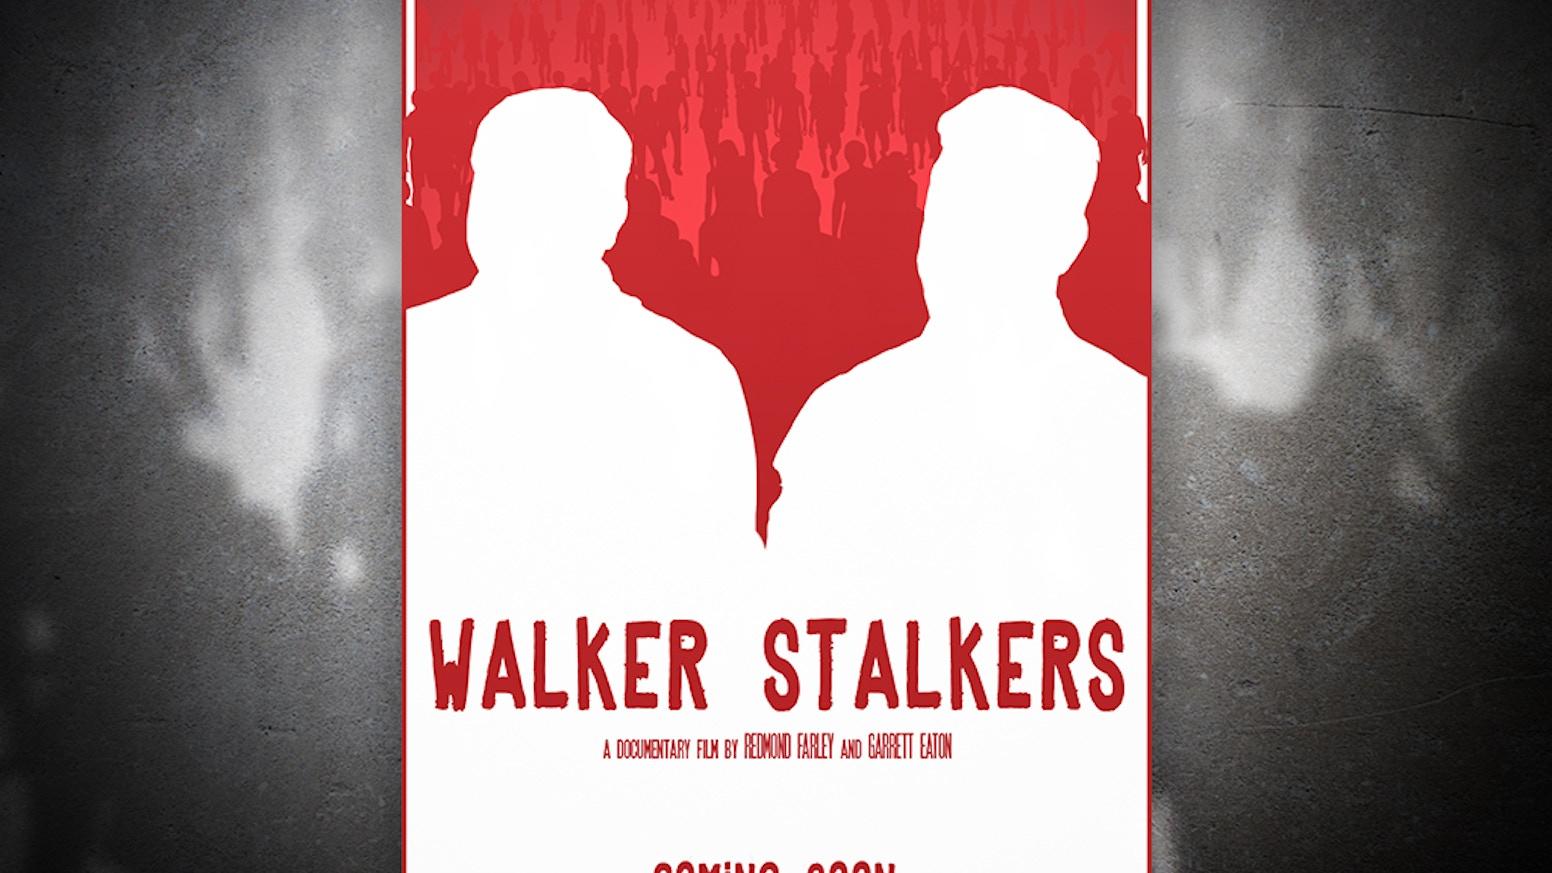 Walker Stalkers By Redmond Farley Kickstarter